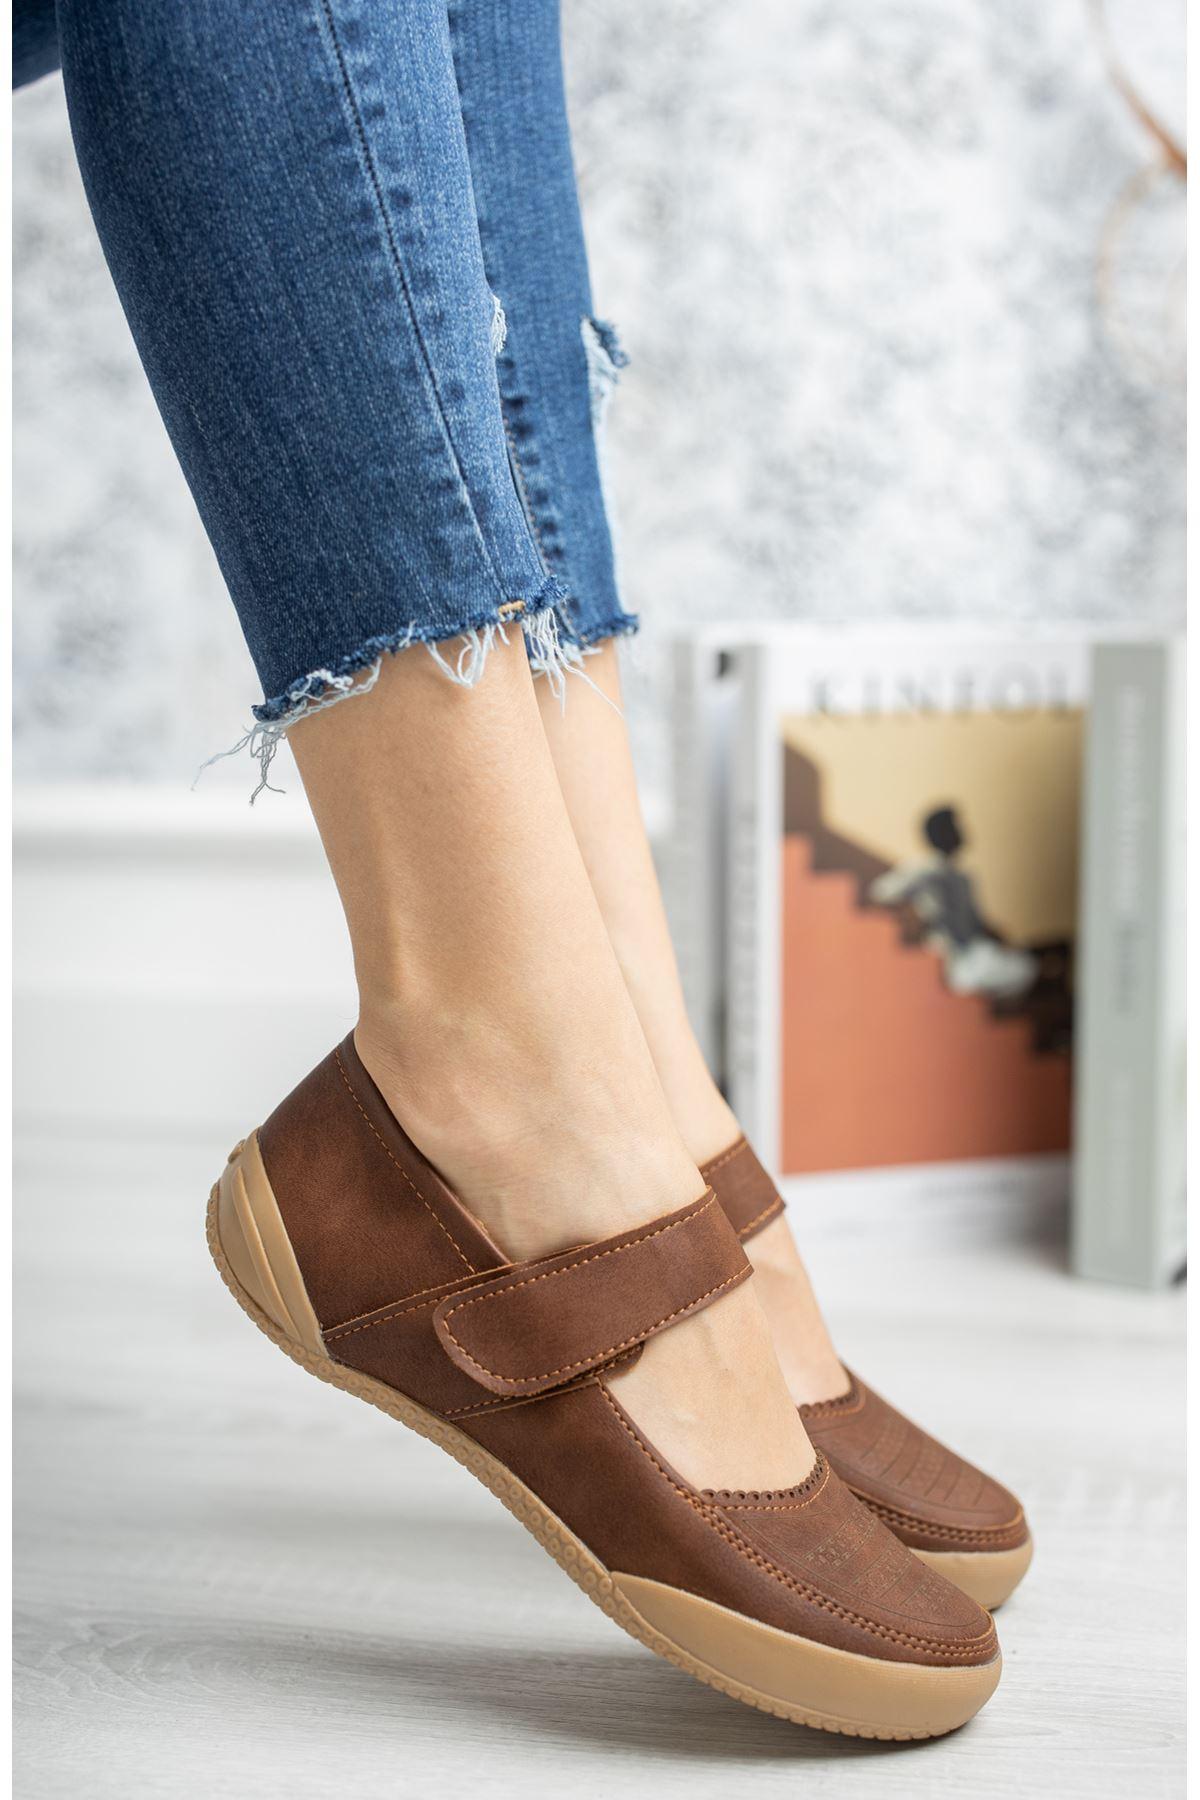 Ortapedik Ped Cırtlı Taba Ayakkabı